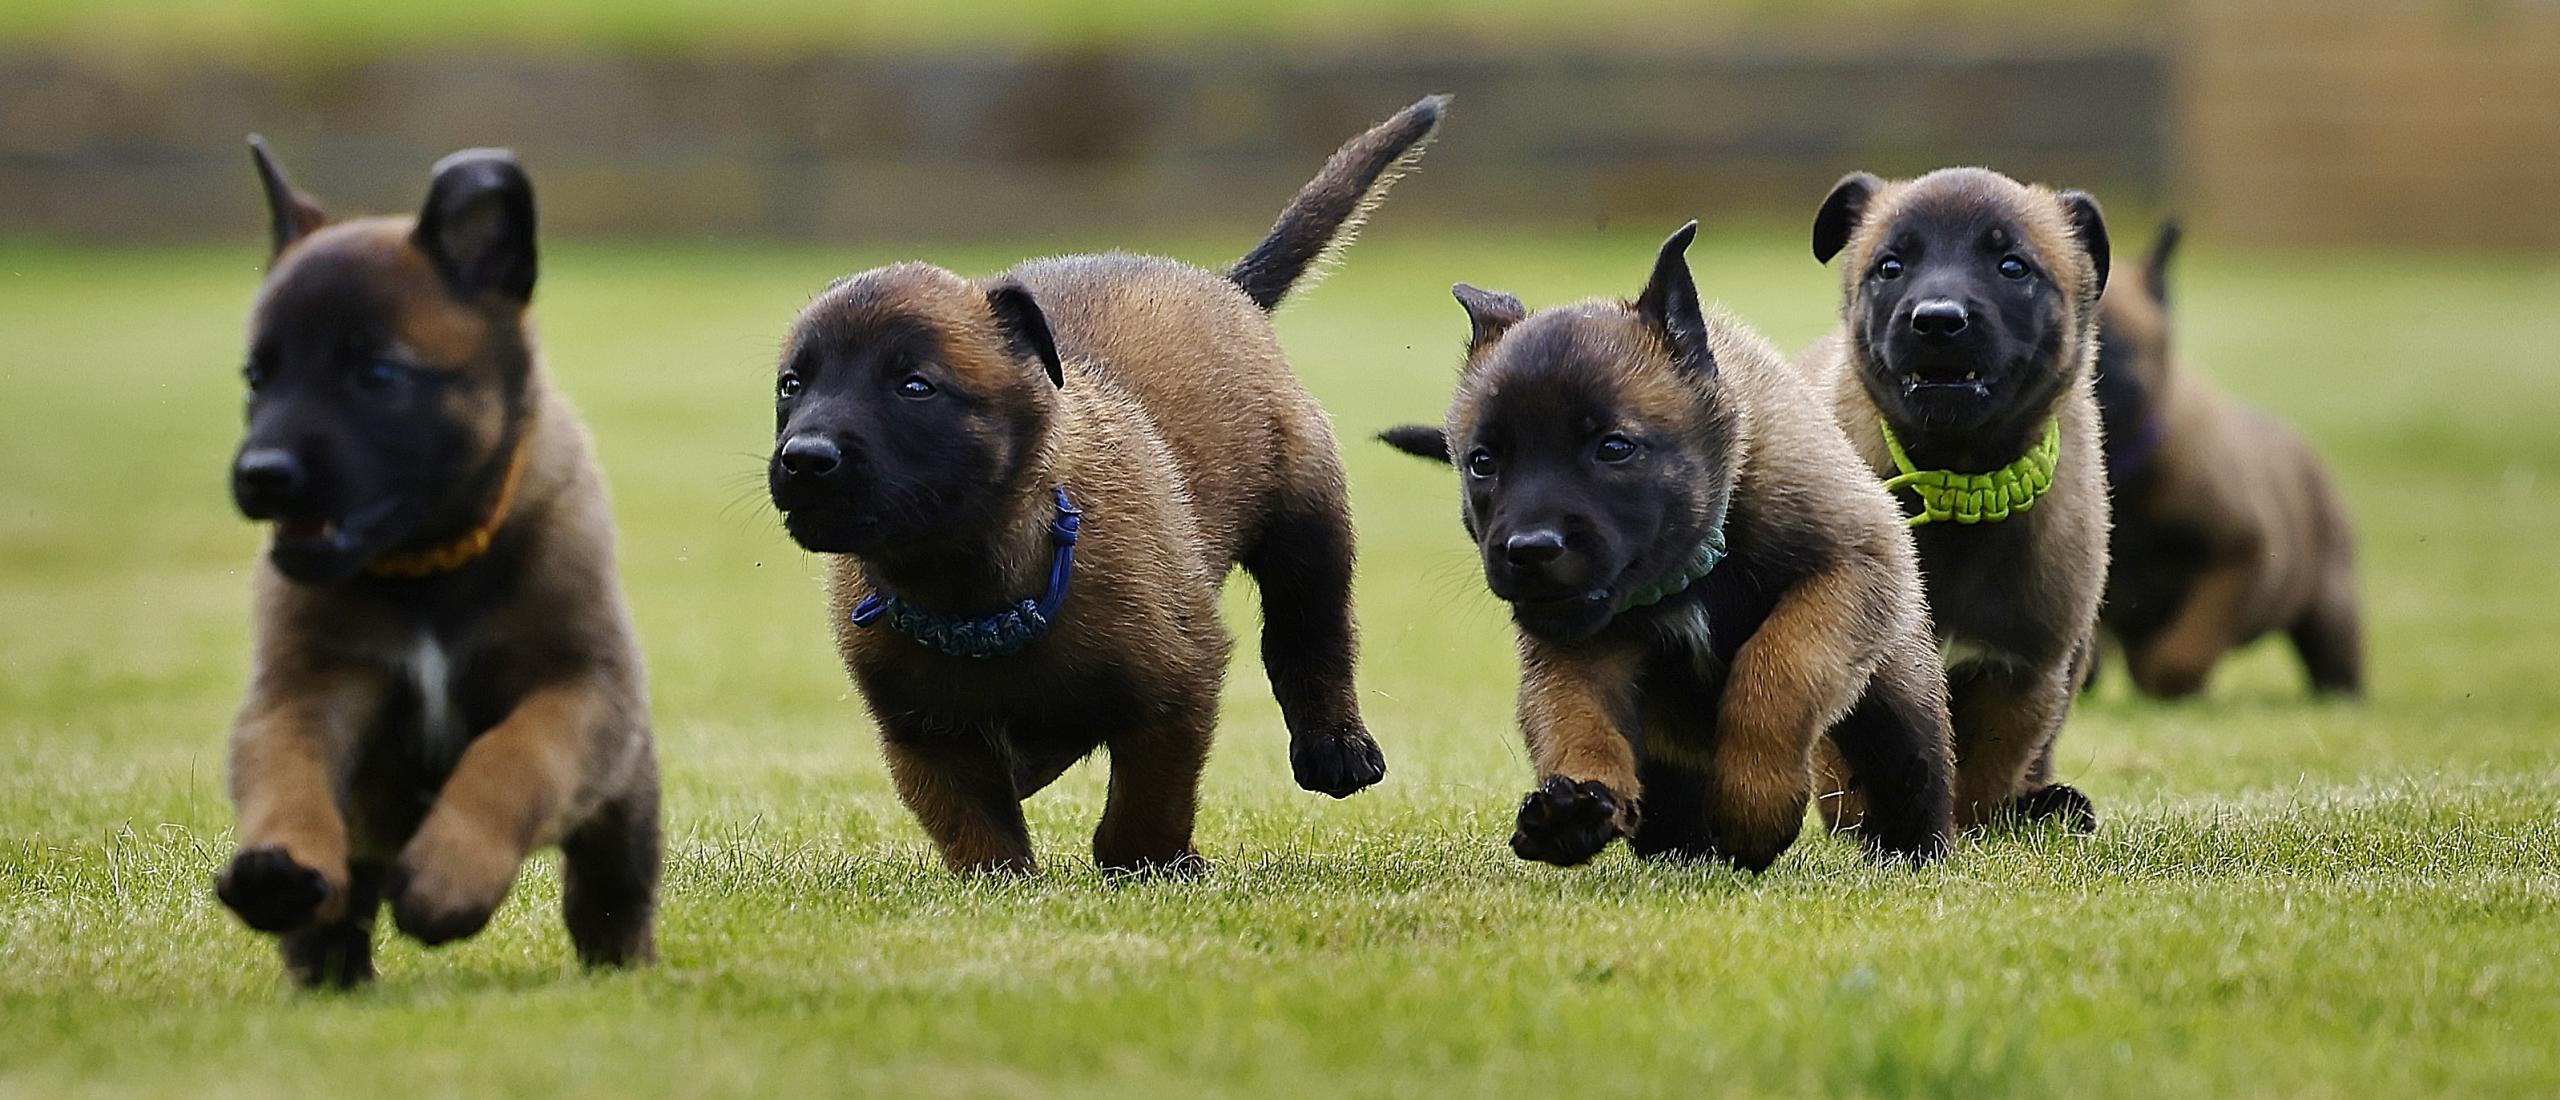 Ik wil een nest puppy's